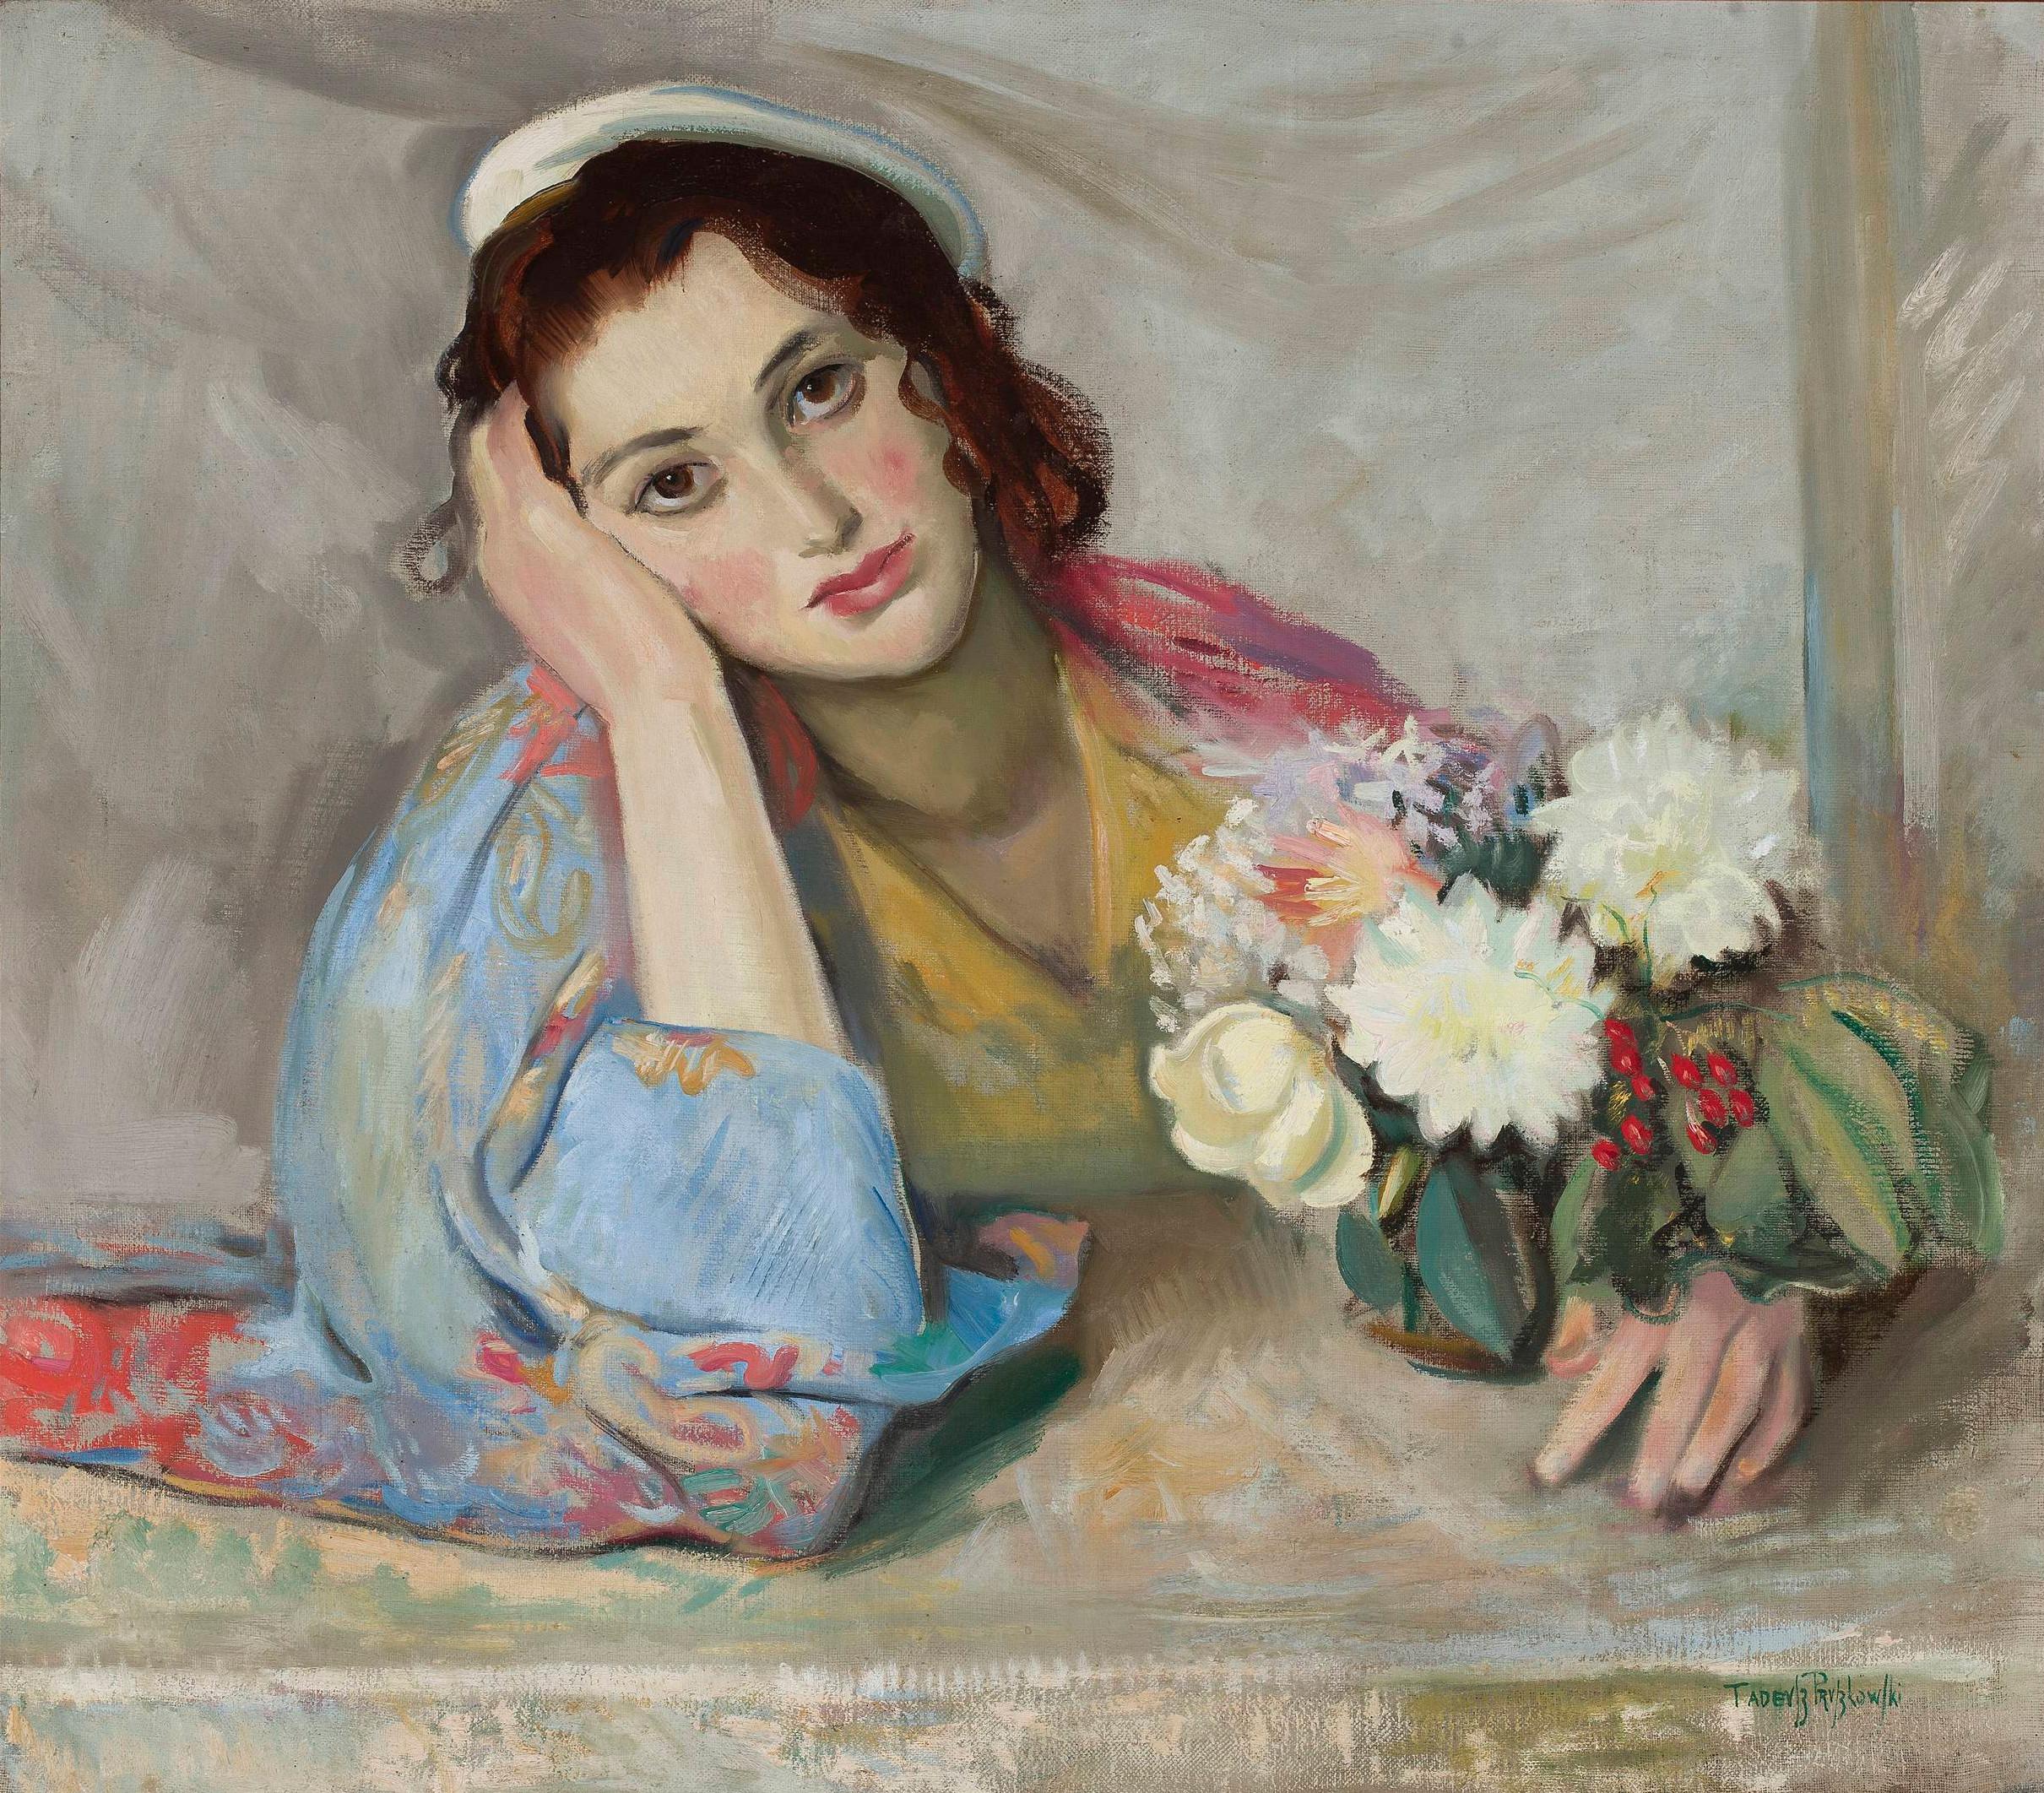 """Tadeusz Pruszkowski (1888-1942) """"Portret z kwiatami (Carlotta Bologna?)"""", przed 1934 rokiem, źródło: Muzeum Narodowe w Warszawie"""